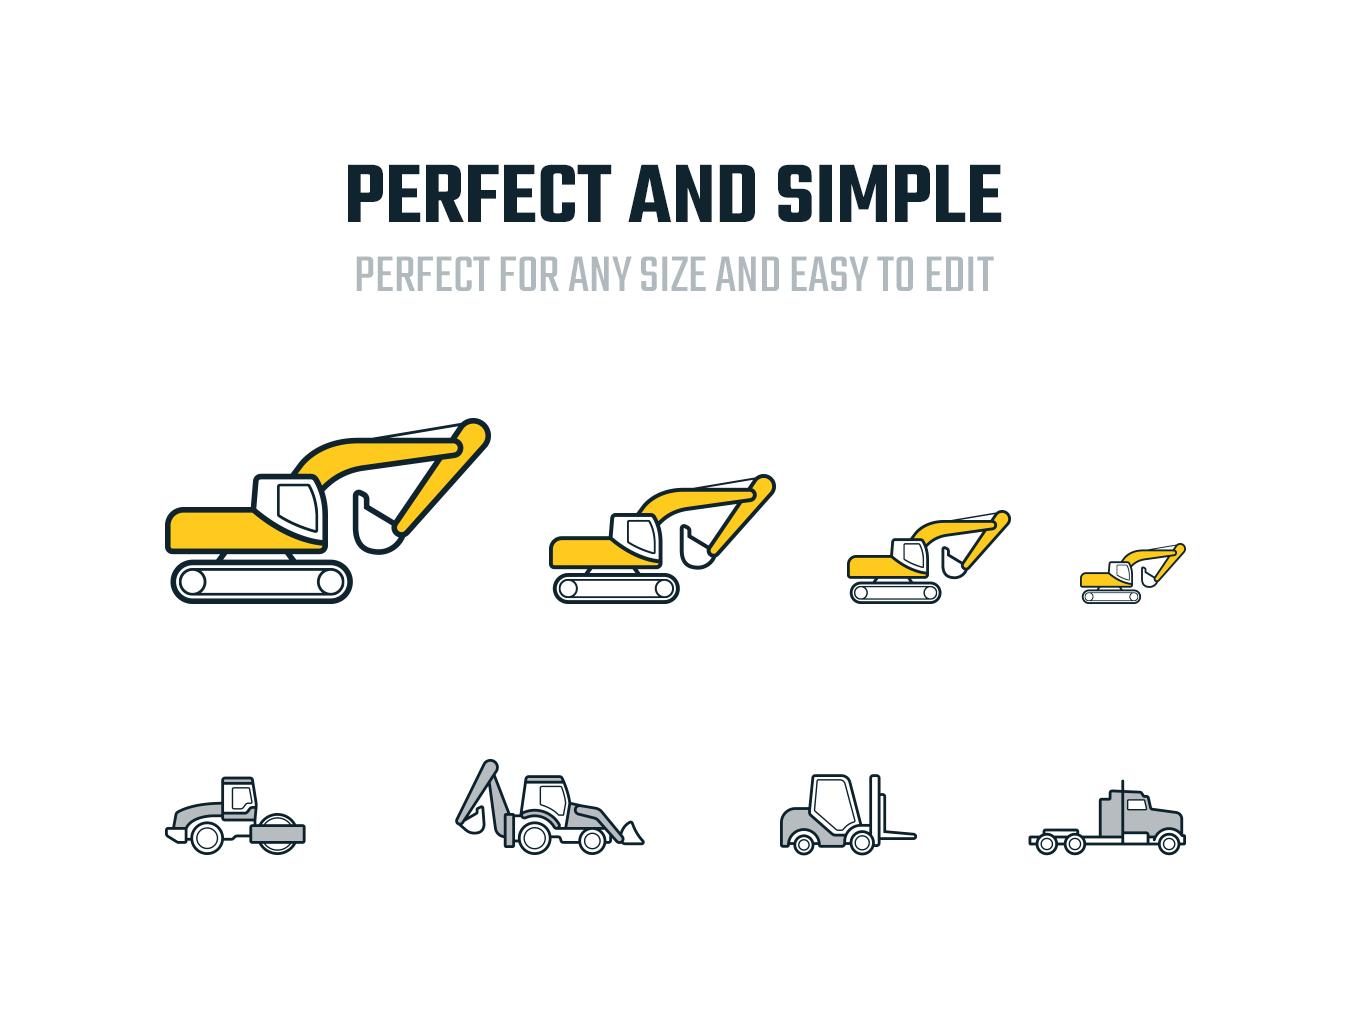 专用特种机械矢量图标集 Special Machinery Icons插图1